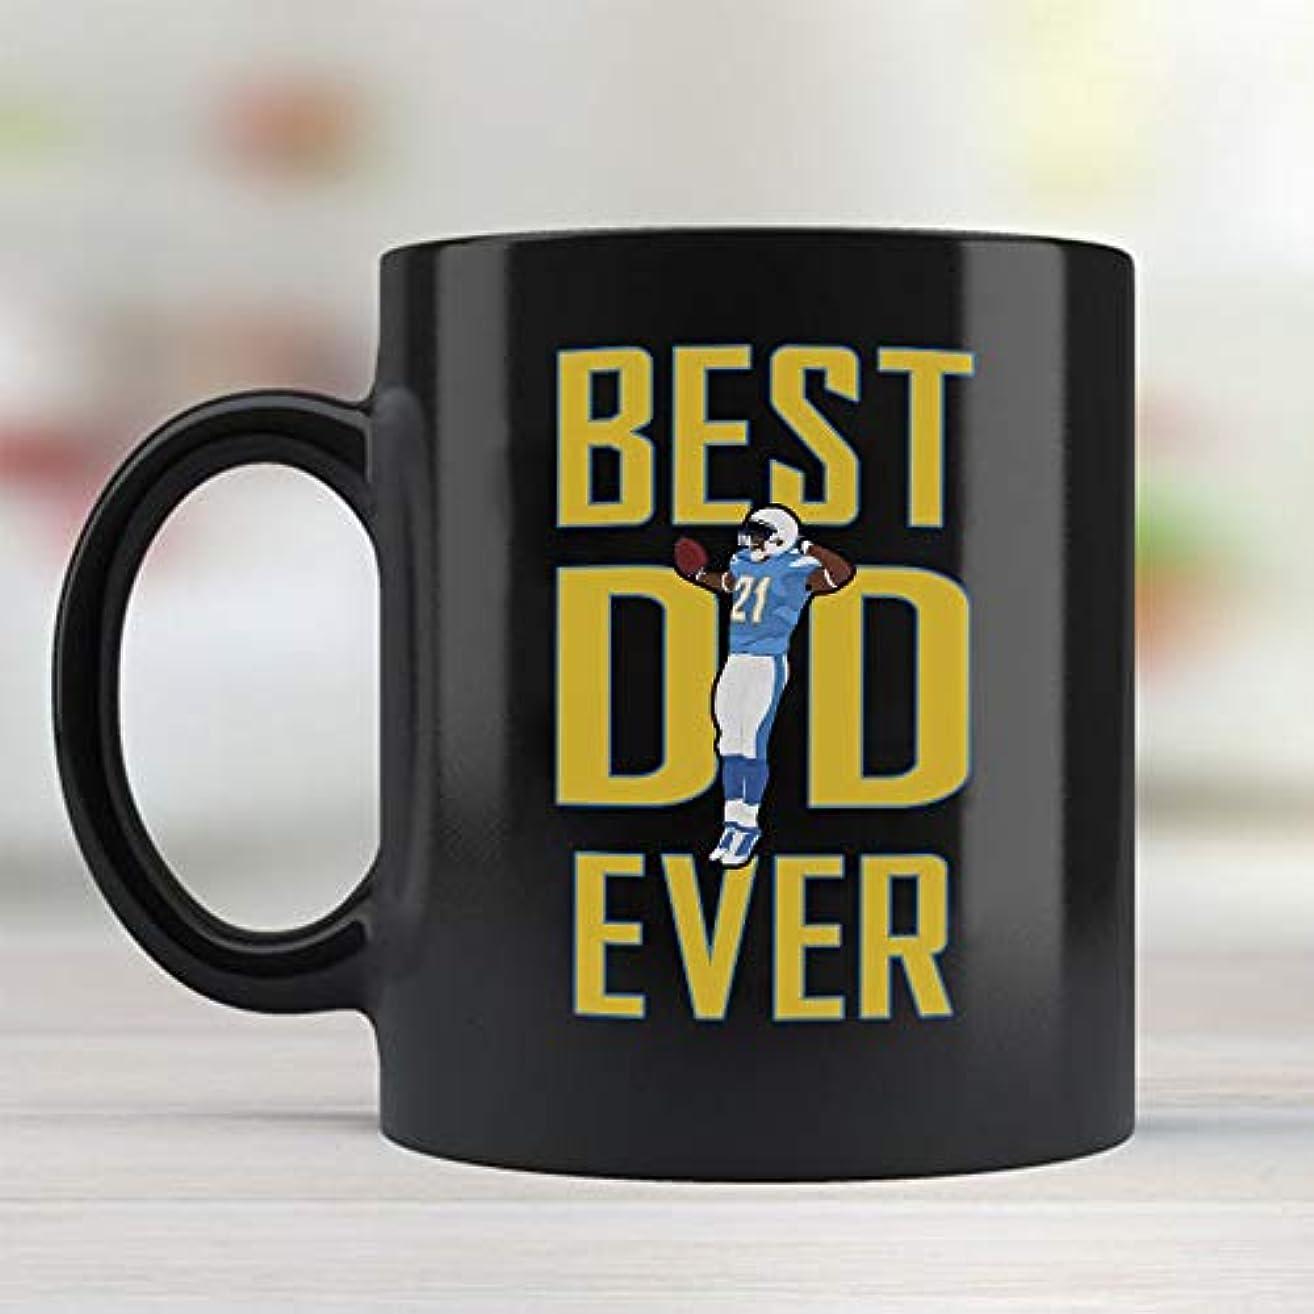 LA Los Angeles City Mug Energy Lovers Mug For Fan Fathers Day 2020 Gift Ideas Best Dad Ever 2019 Mug Customized Handmade Mug Customized Mug Size 11oz or 15oz